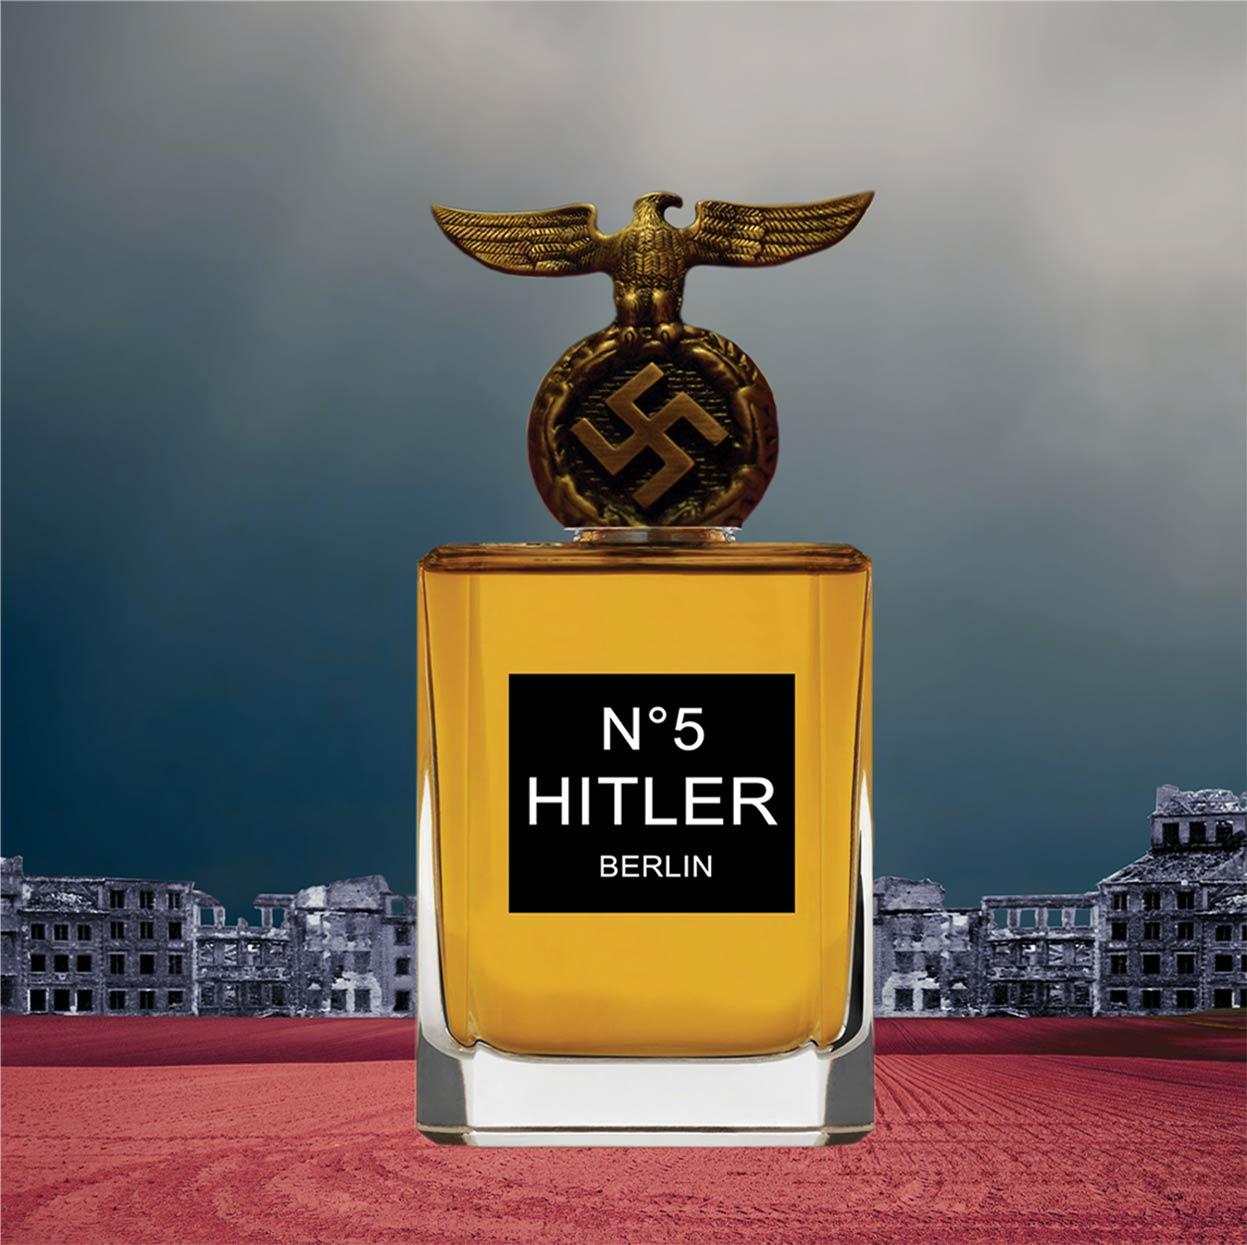 Hitler N. 5 - Max Papeschi